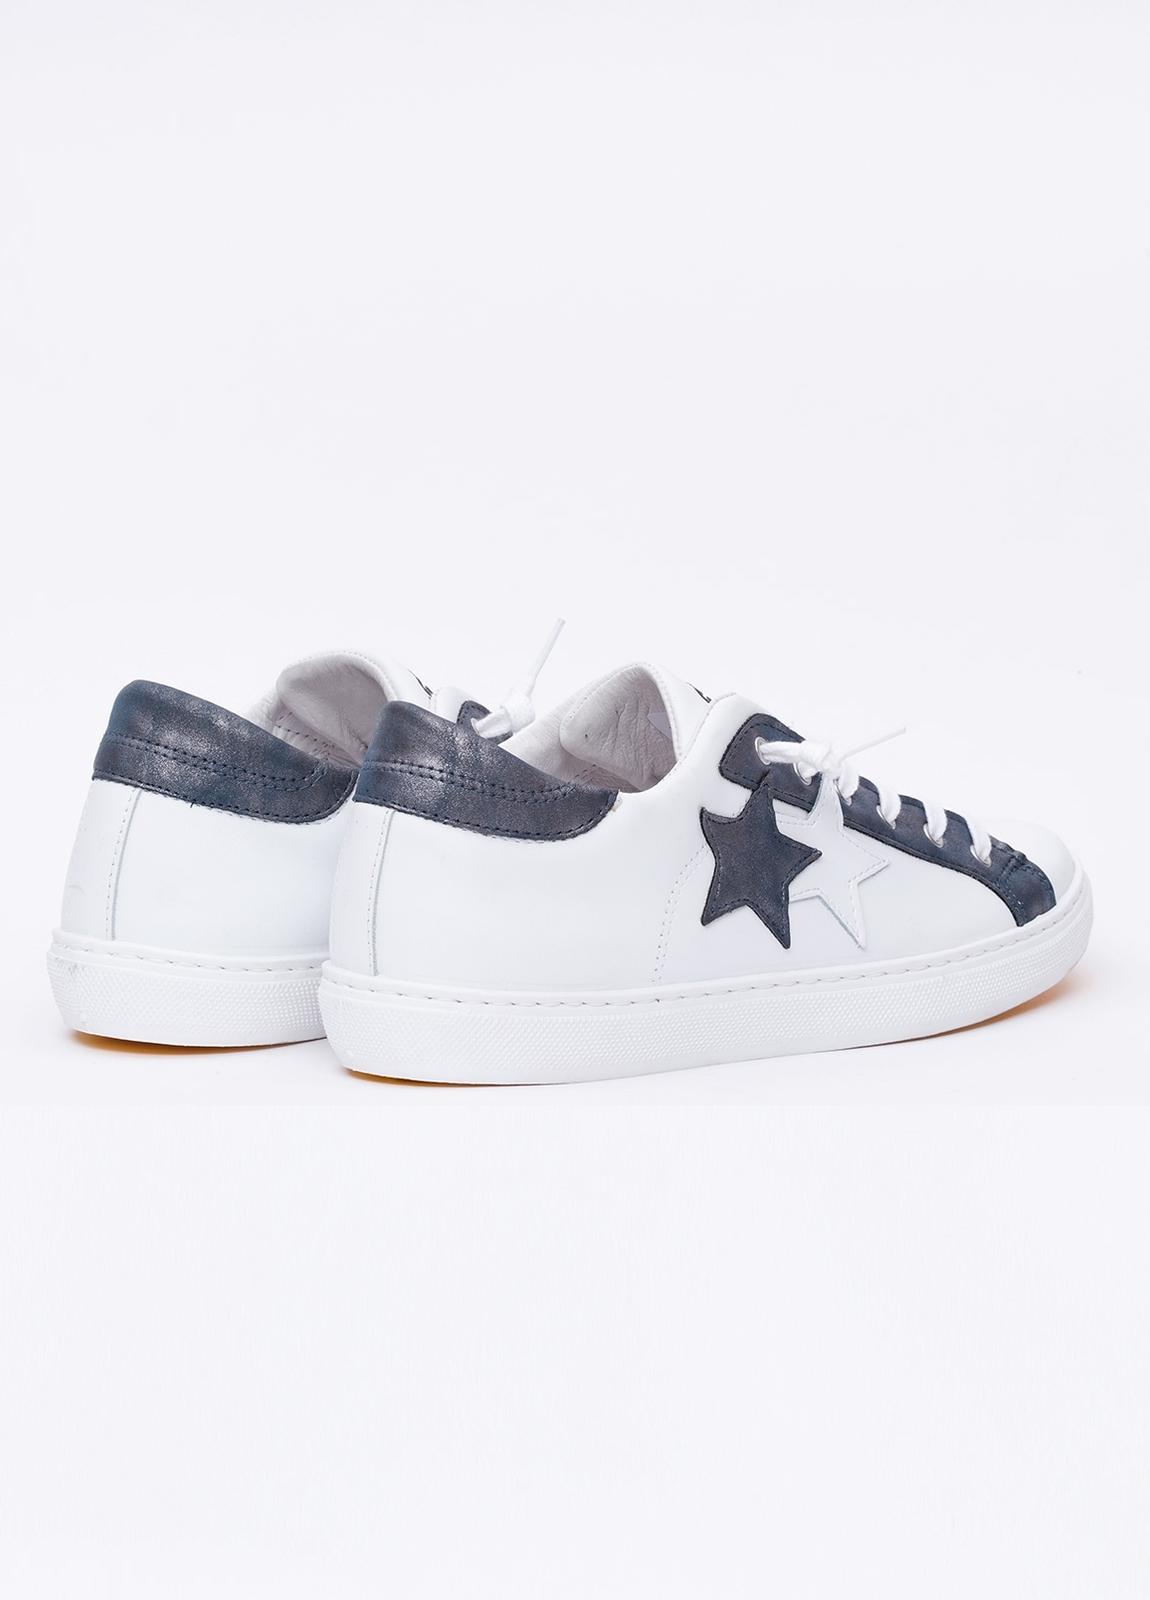 Calzado sport color blanco con detalles azul marino. 100% Piel. - Ítem2